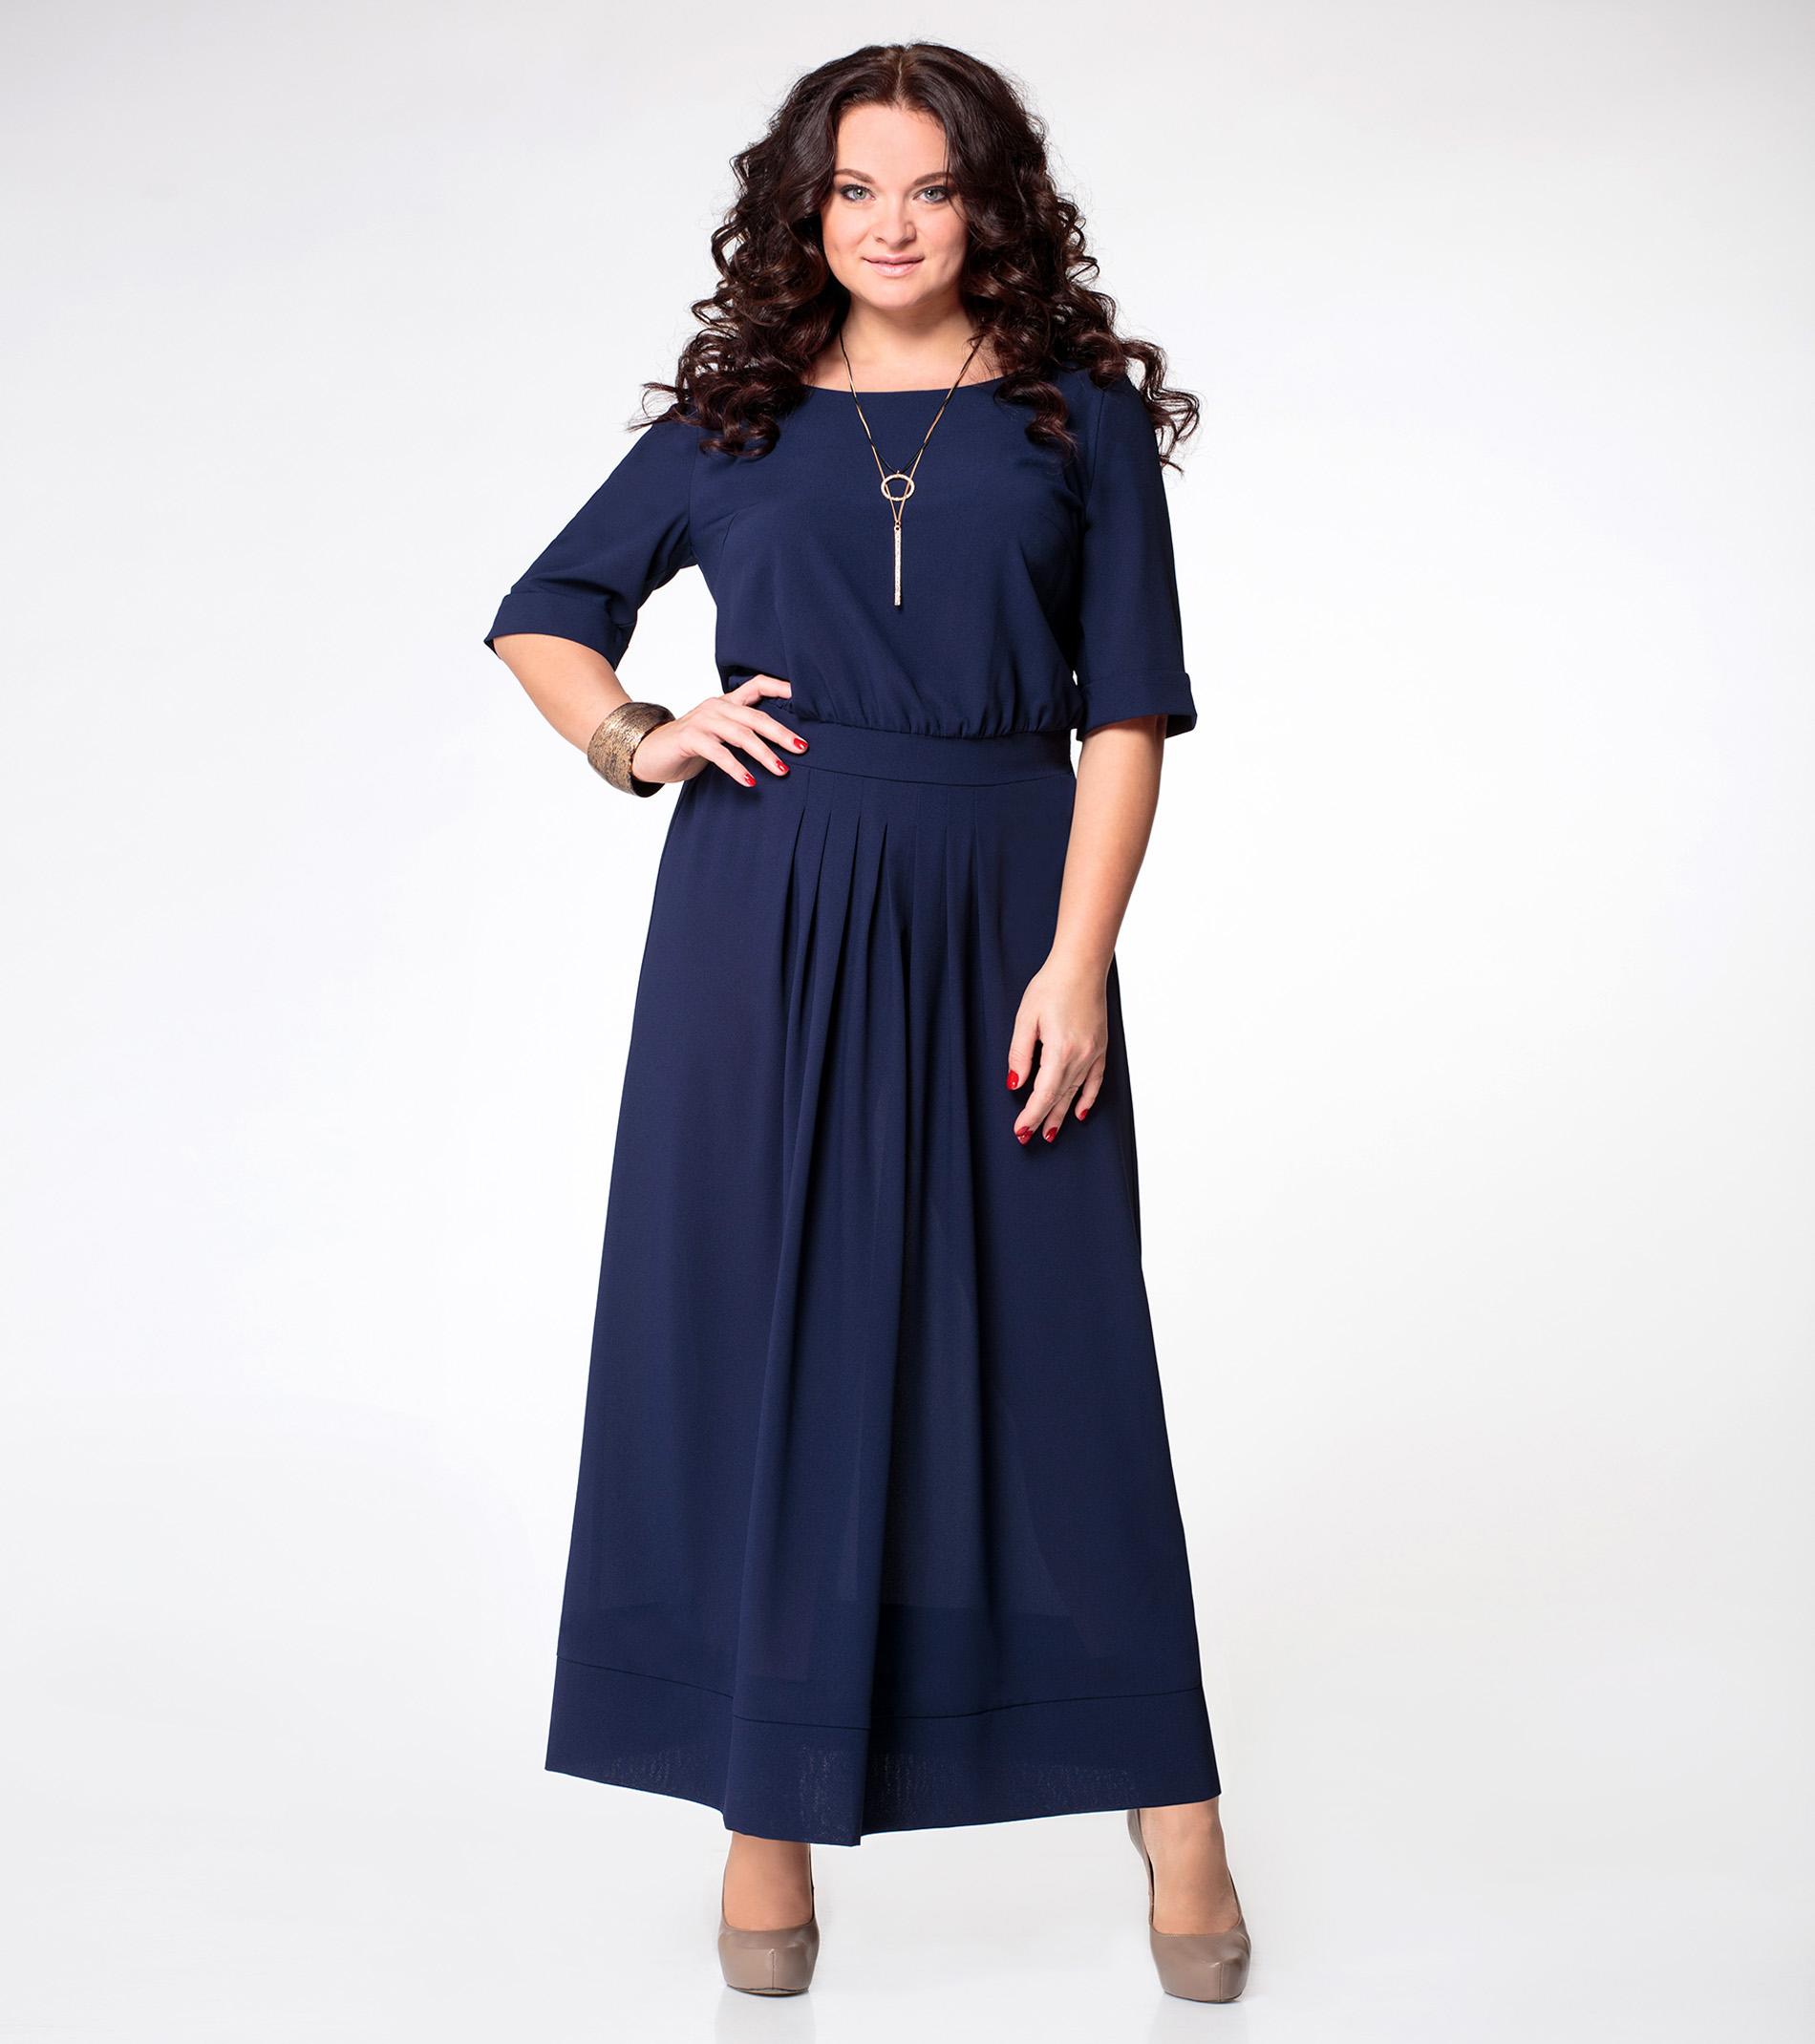 1a19f773ffd Платье женское ПА 336980 купить в интернет-магазине shop.panda.by с ...